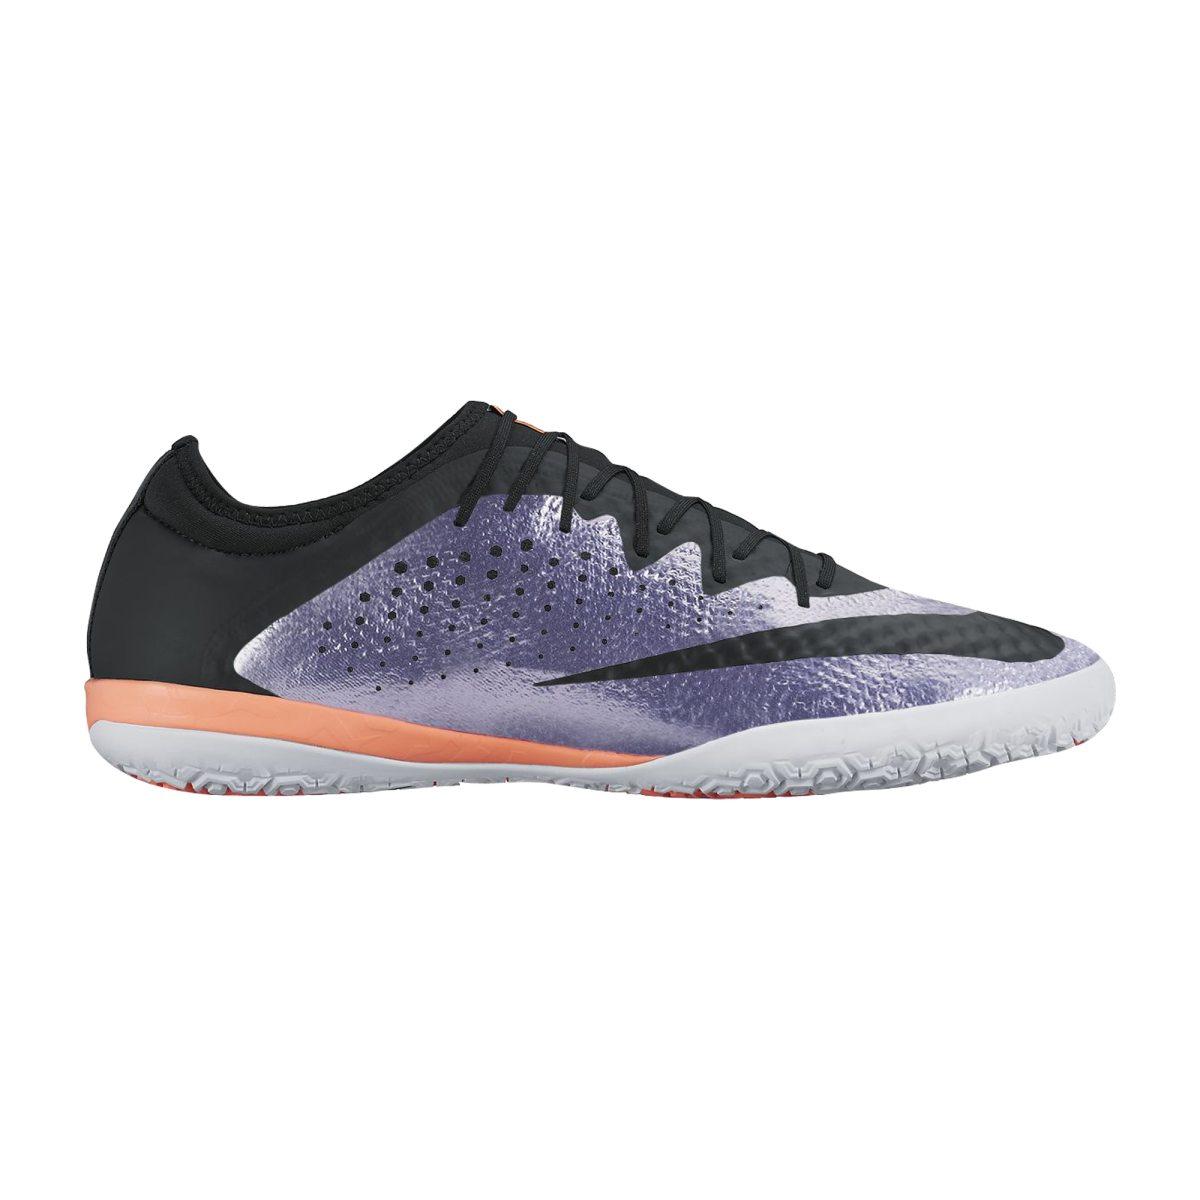 new style 543dd a9316 violet nike mercurialx finale ic fotbollssko senior fotbollsskor